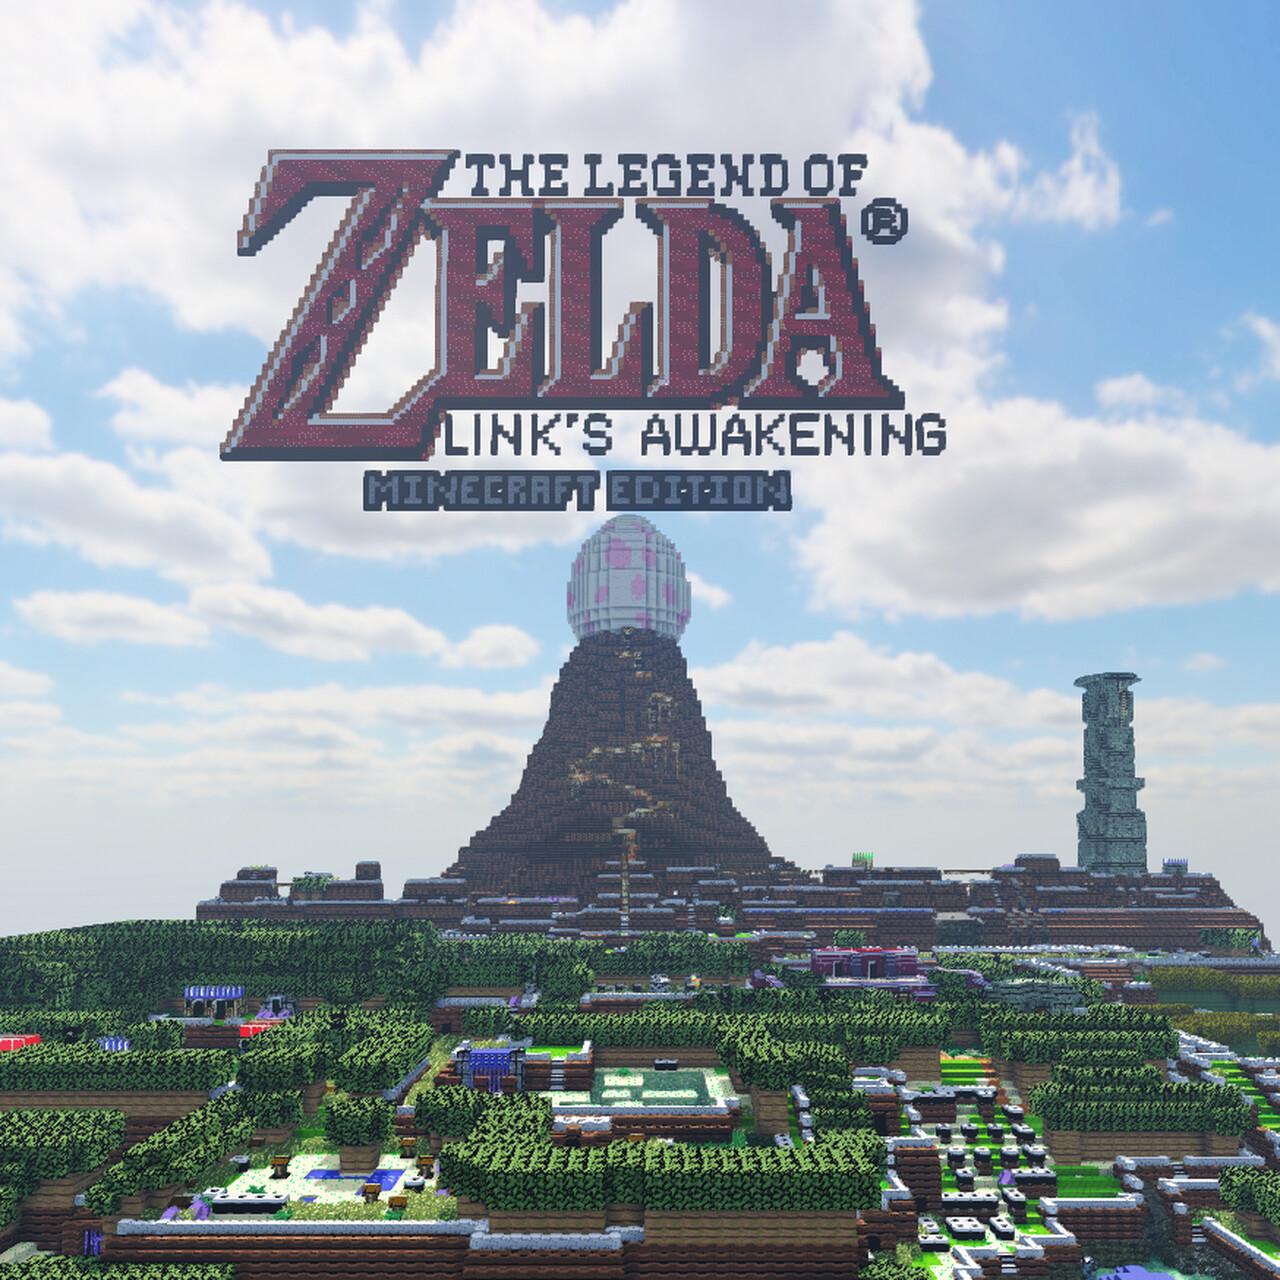 <div>Weckt den Windfisch ein weiteres Mal – Fans rekreieren The Legend of Zelda: Link's Awakening in Minecraft</div>